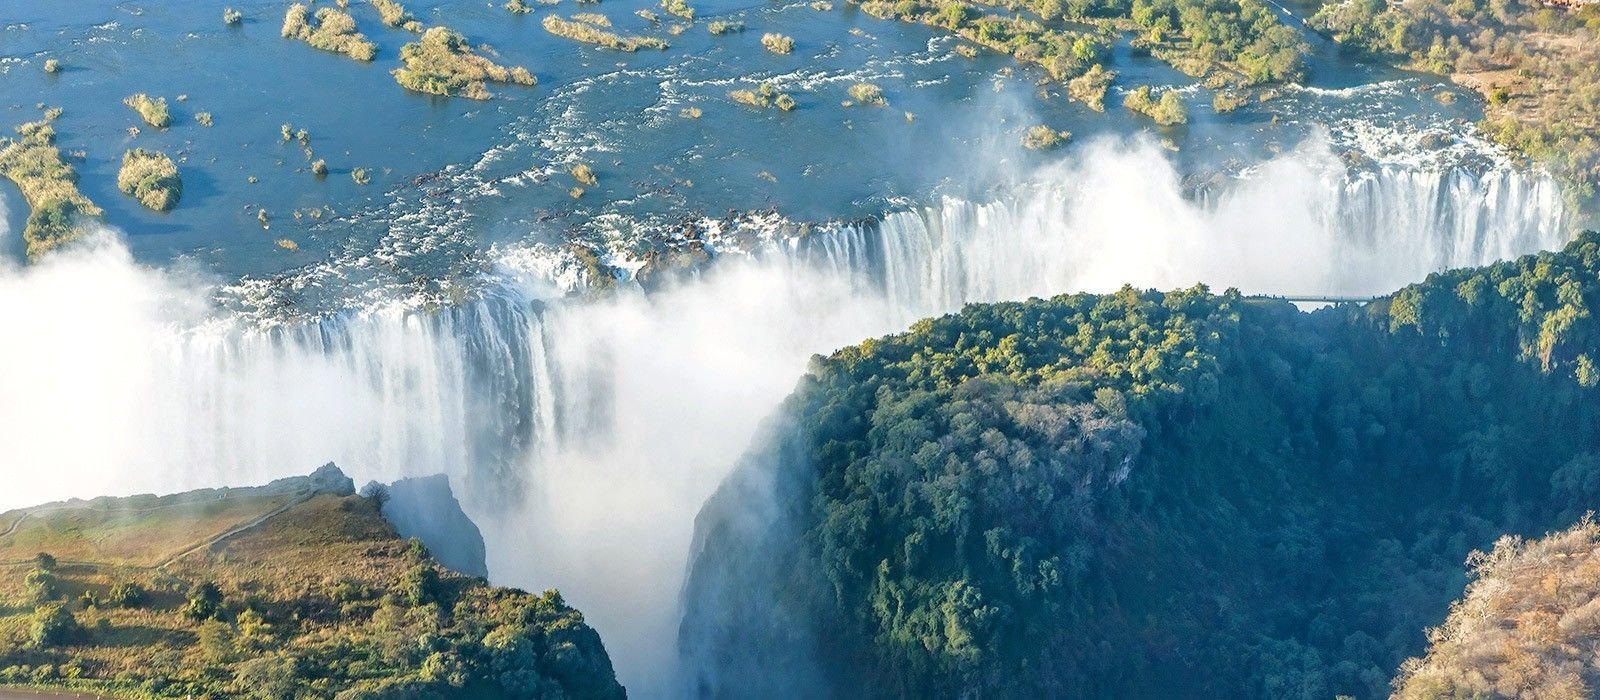 Timeless Zimbabwe Tour Trip 3